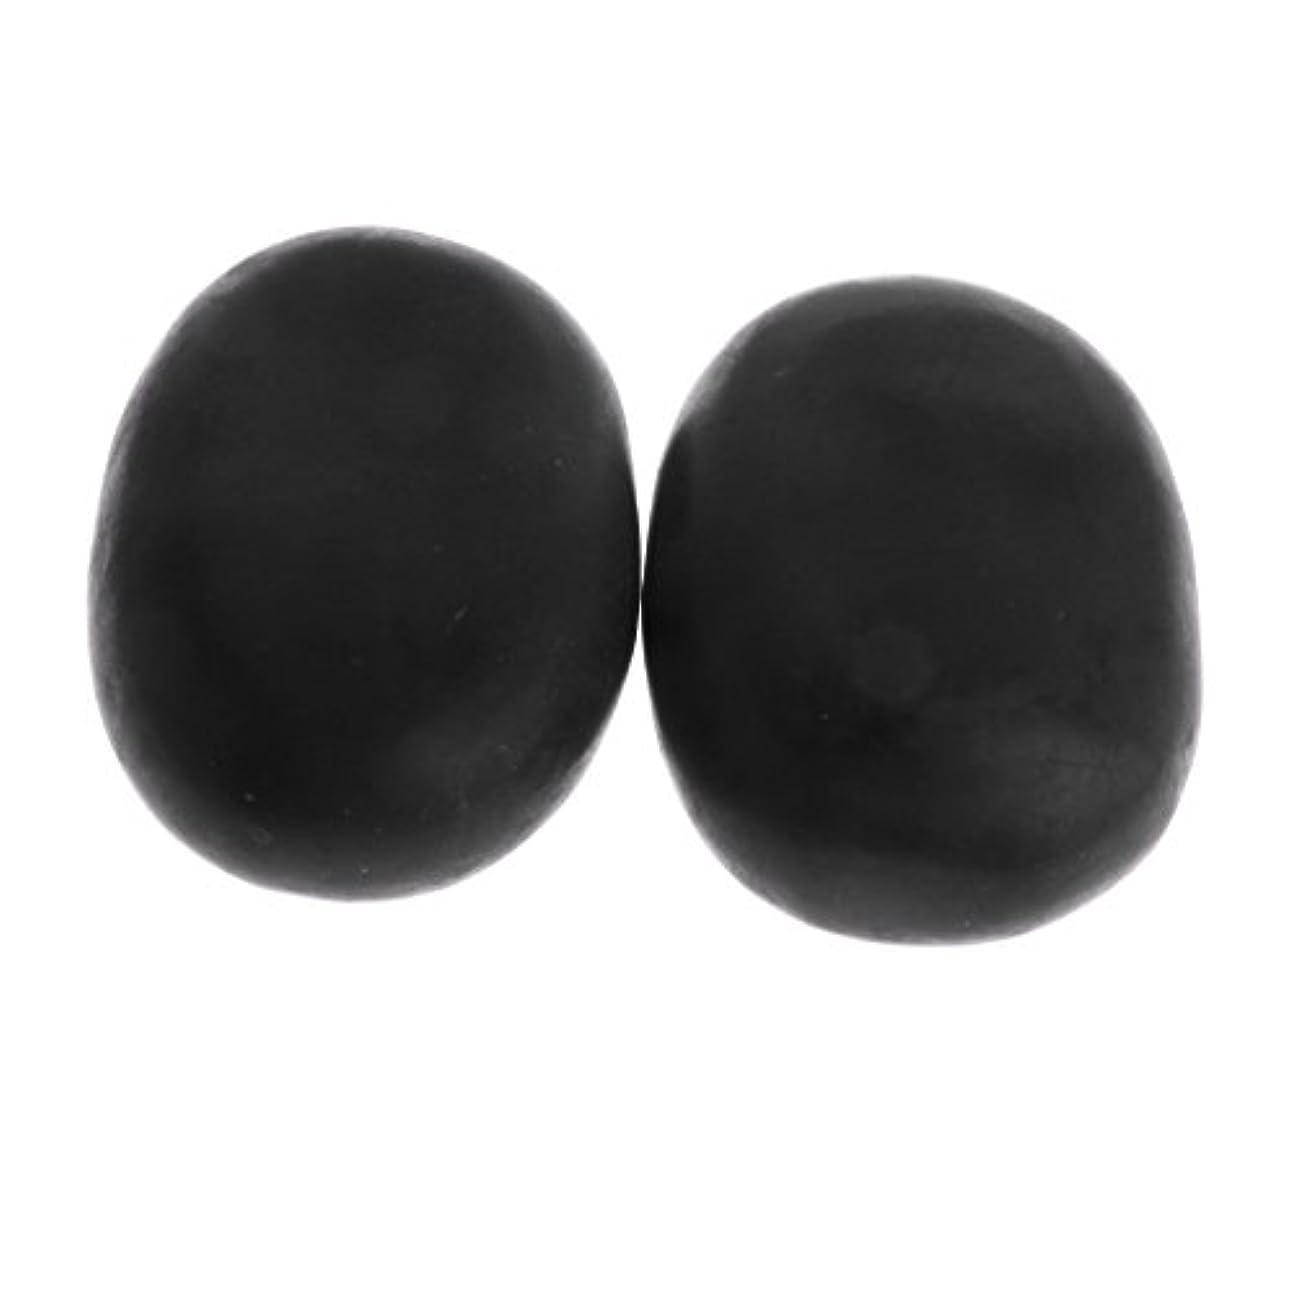 癌保持するコーンマッサージ石 2個 温泉石 玄武岩 火山石 マッサージ 溶岩 自然石